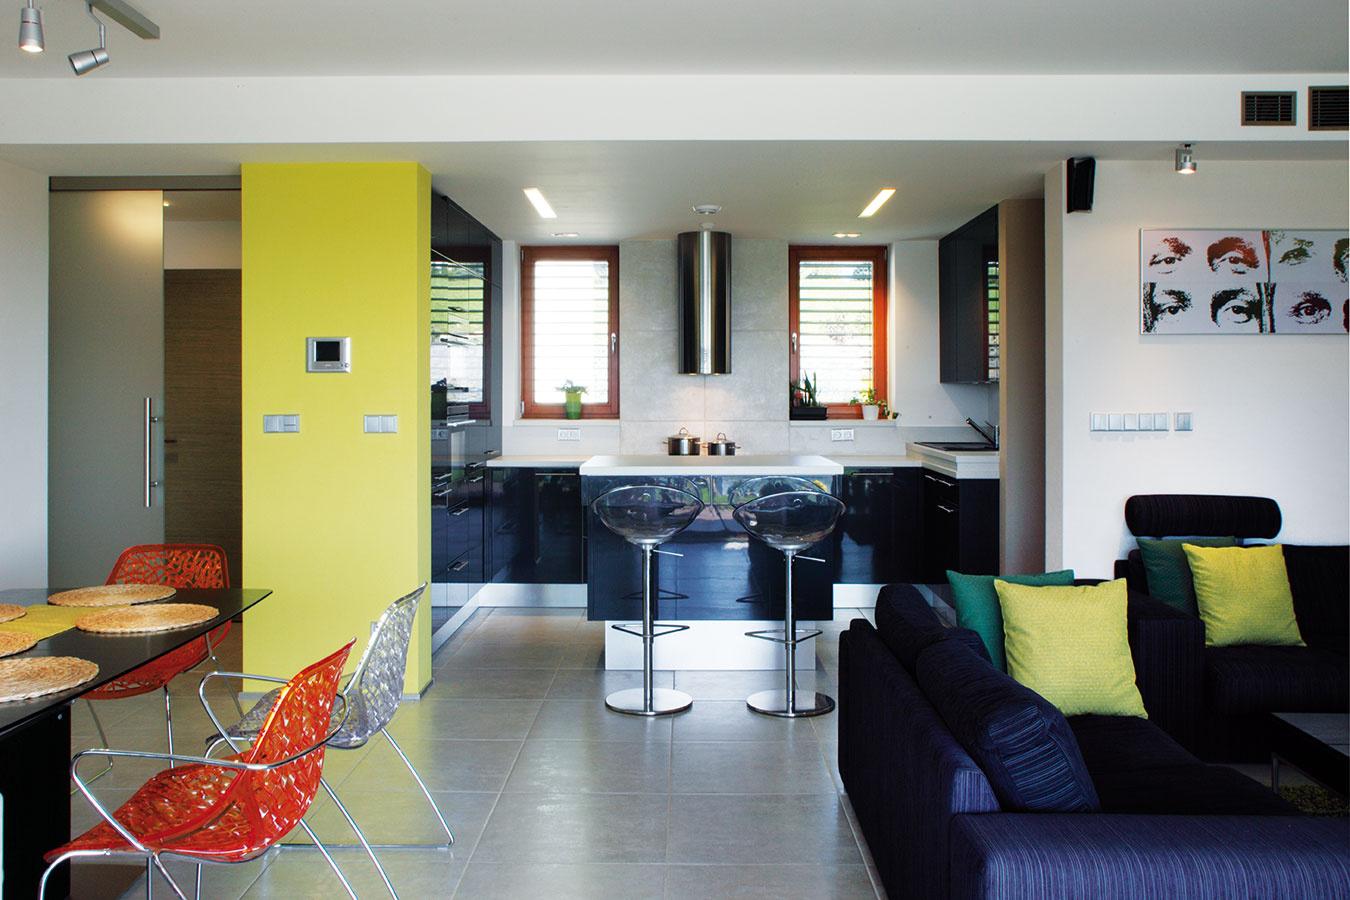 """Centrom domácnosti je otvorený denný priestor, ktorý plní funkcie obývačky, kuchyne aj jedálne. Knajobľúbenejším miestam vdome patrí práve kuchyňa: """"Je to najkomunikatívnejšiačasťinteriéru,"""" hovorí Hana Liškutínová. """"Keď príde návšteva, trávime tu veľa času."""""""